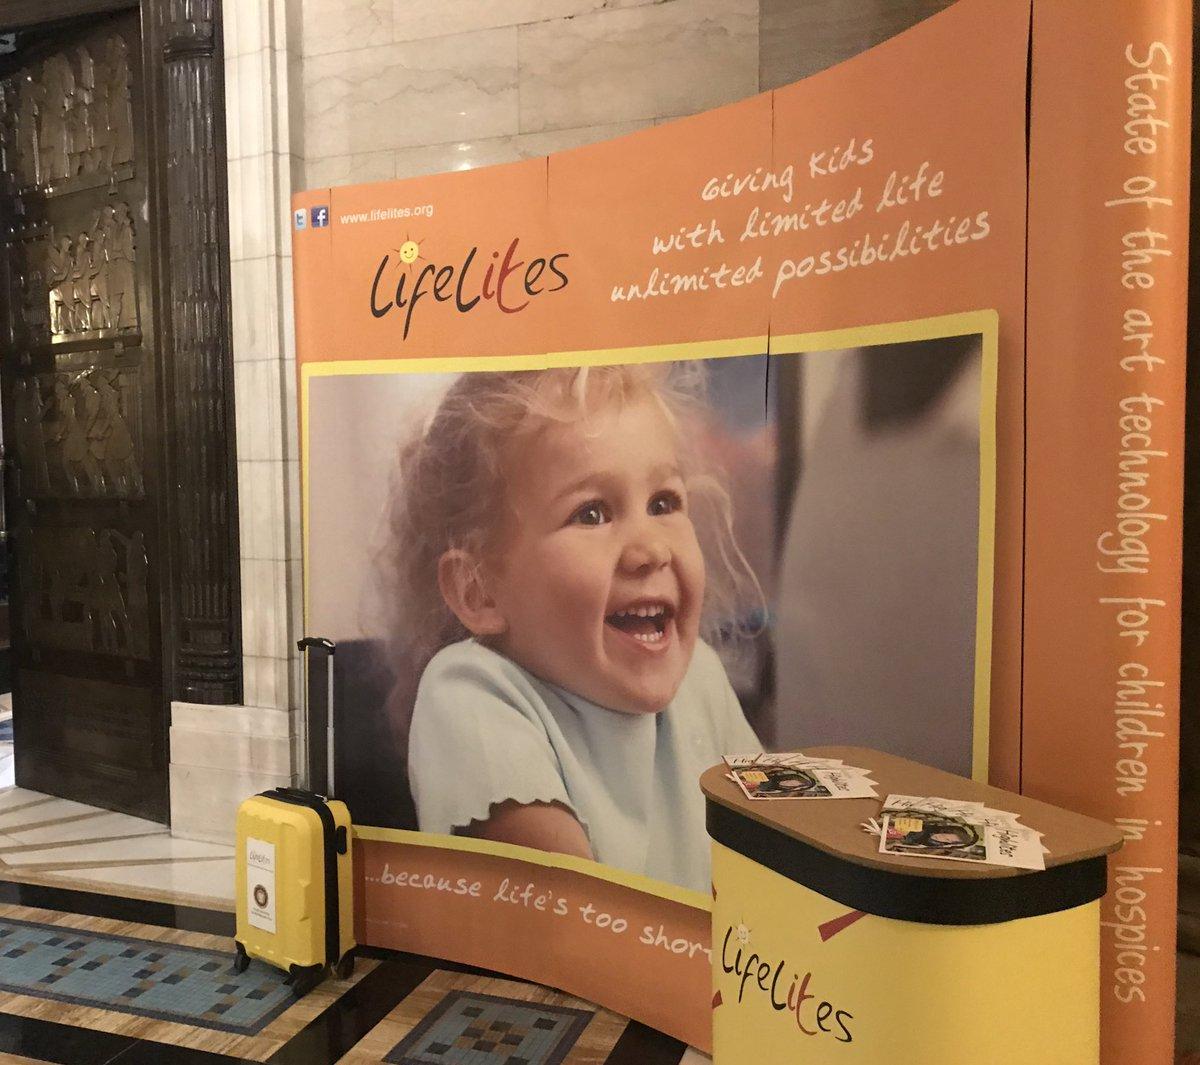 Microsoft to double Lifelites Donations